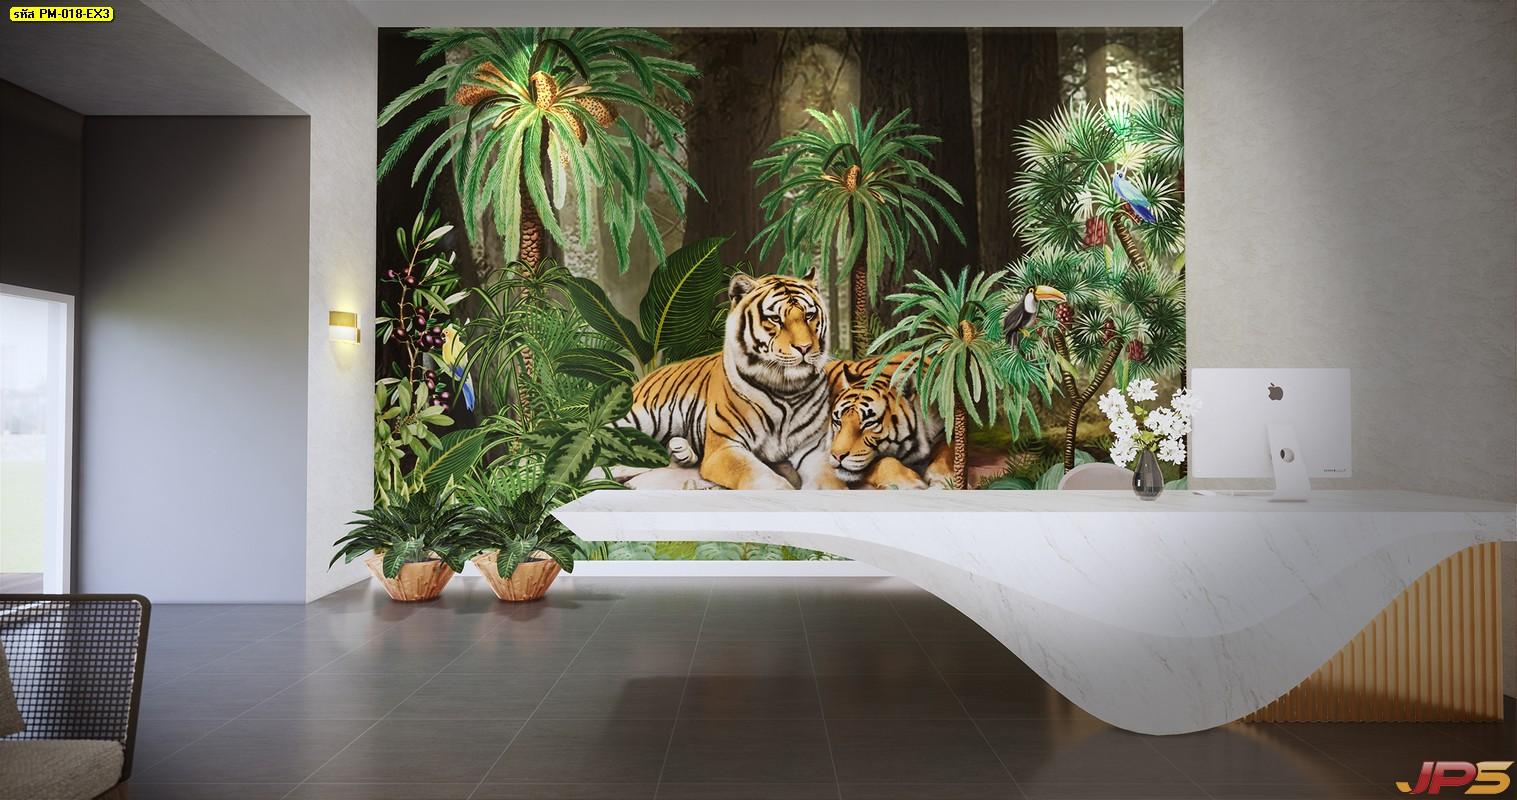 รับทําวอลเปเปอร์ตามสั่ง ลายสวนป่าเสือโคร่ง ตกแต่งภายในบ้านหรู